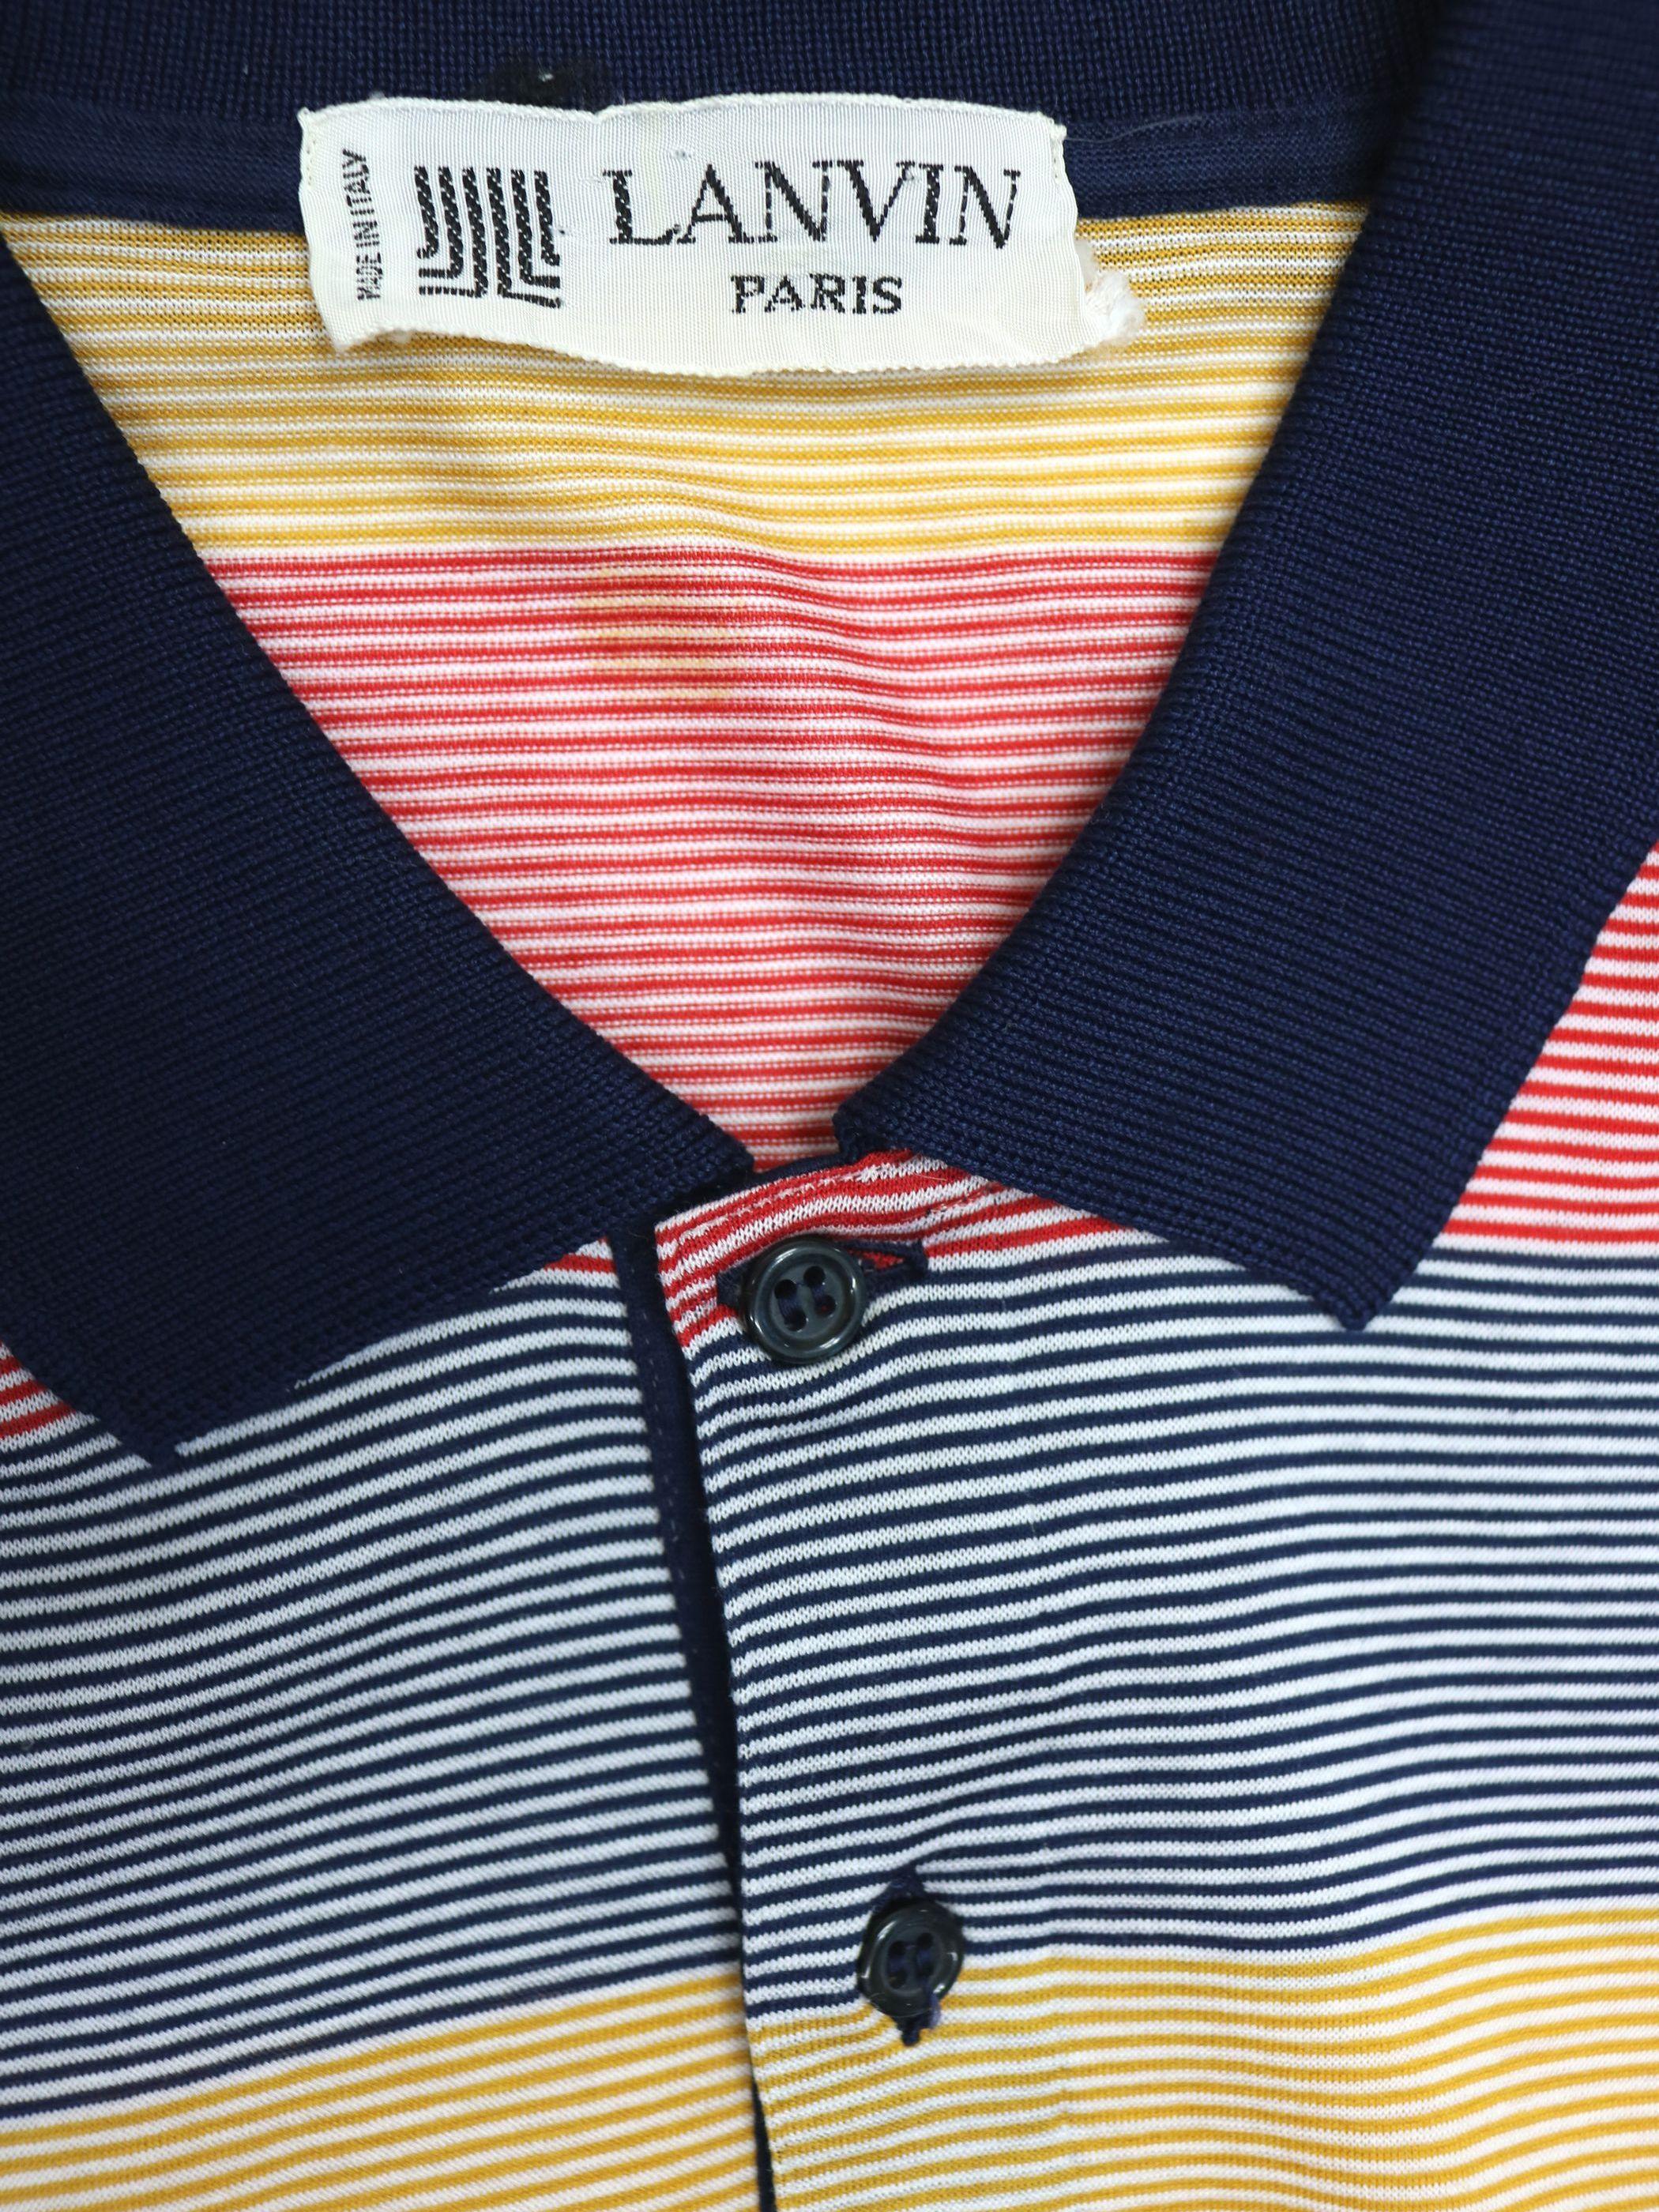 1980s / LANVIN  polo shirt